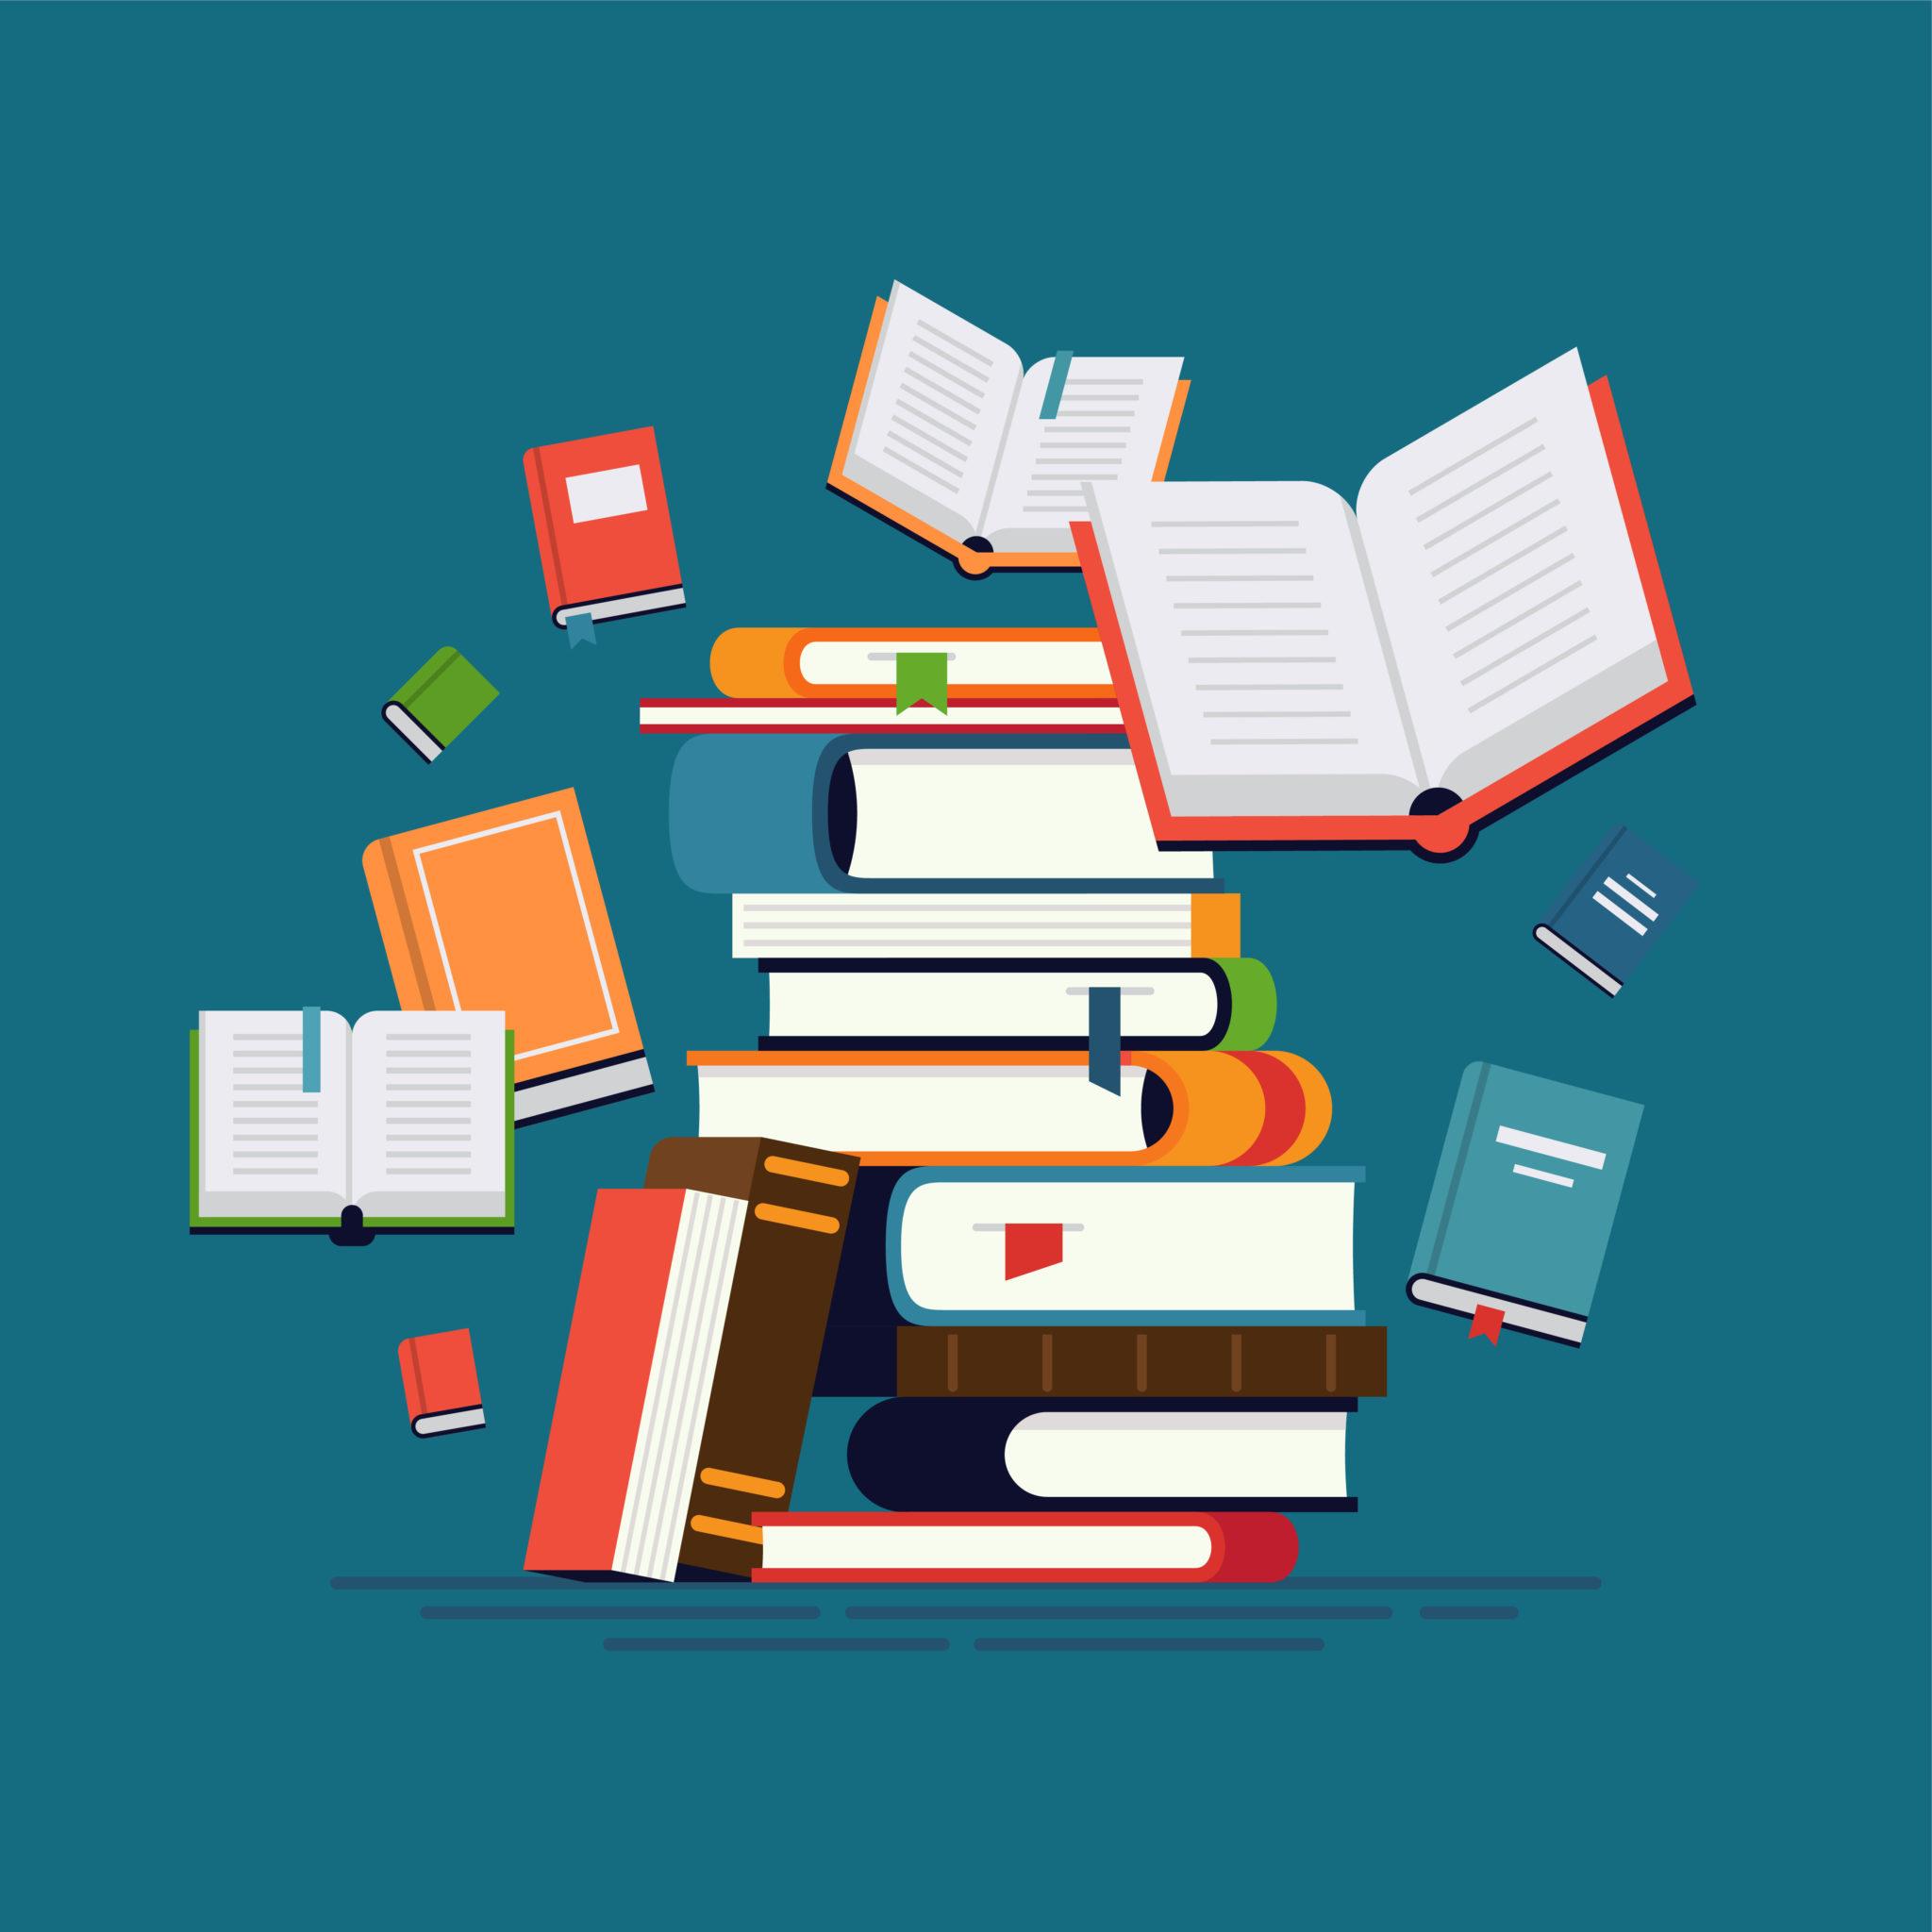 Library Procedures